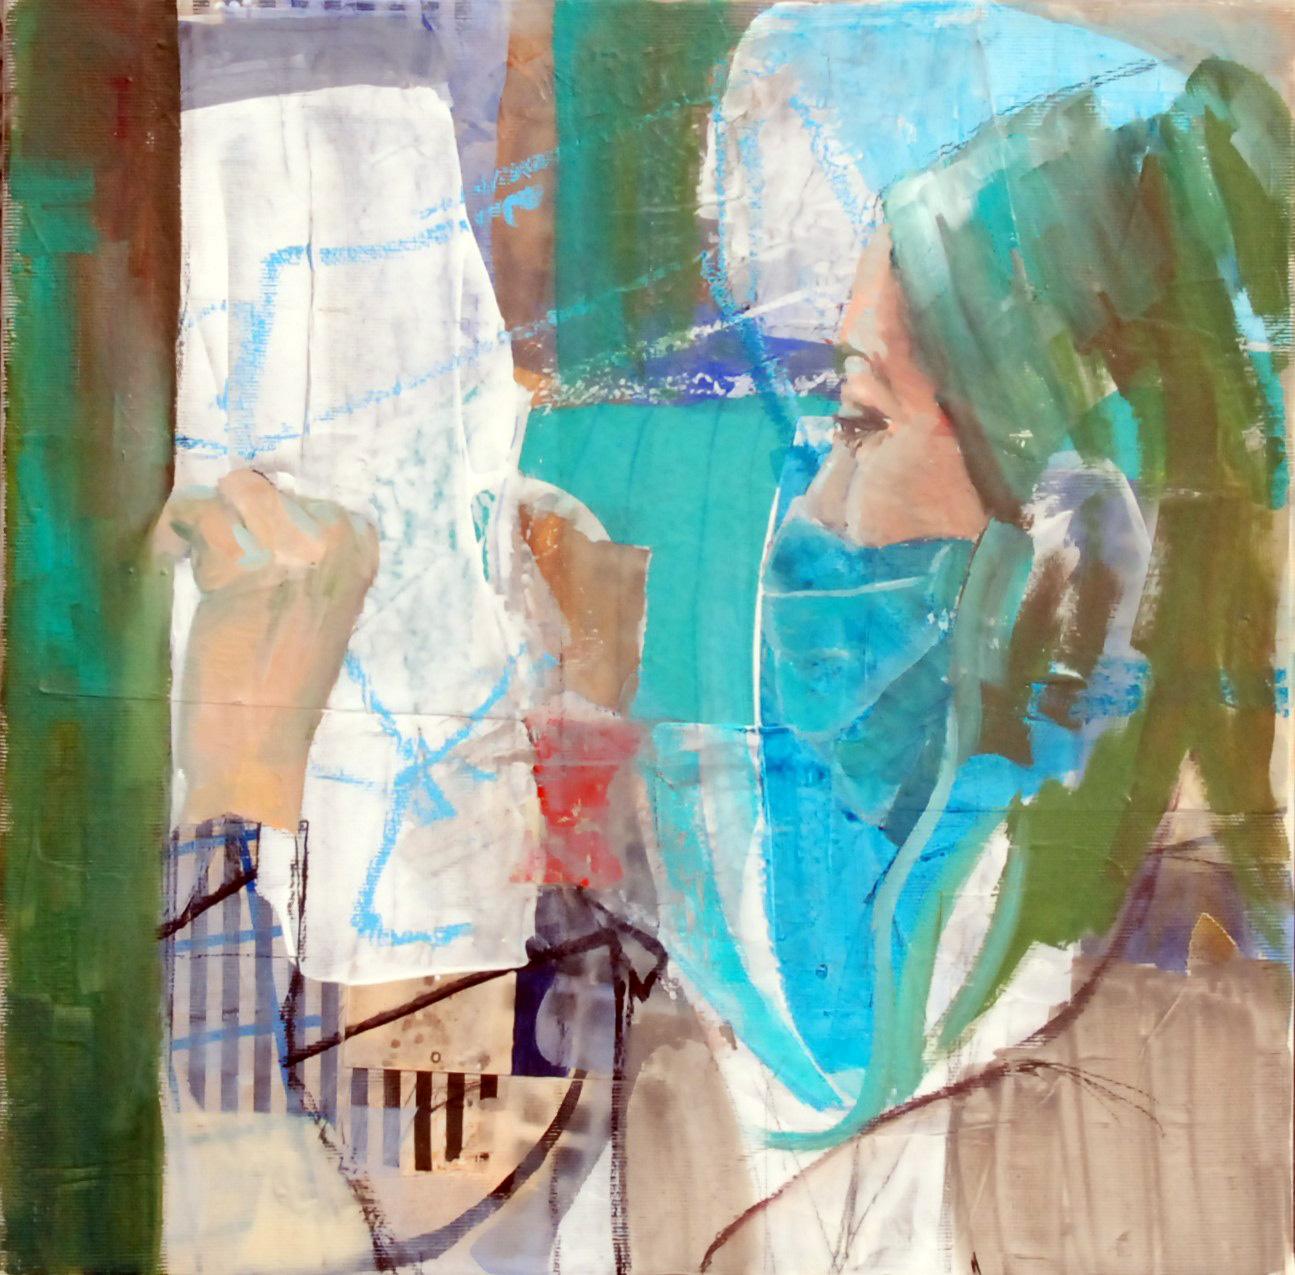 ...und immer schön lüften, Öl, Acryl und Collage auf Leinwand, 40cm x 40cm